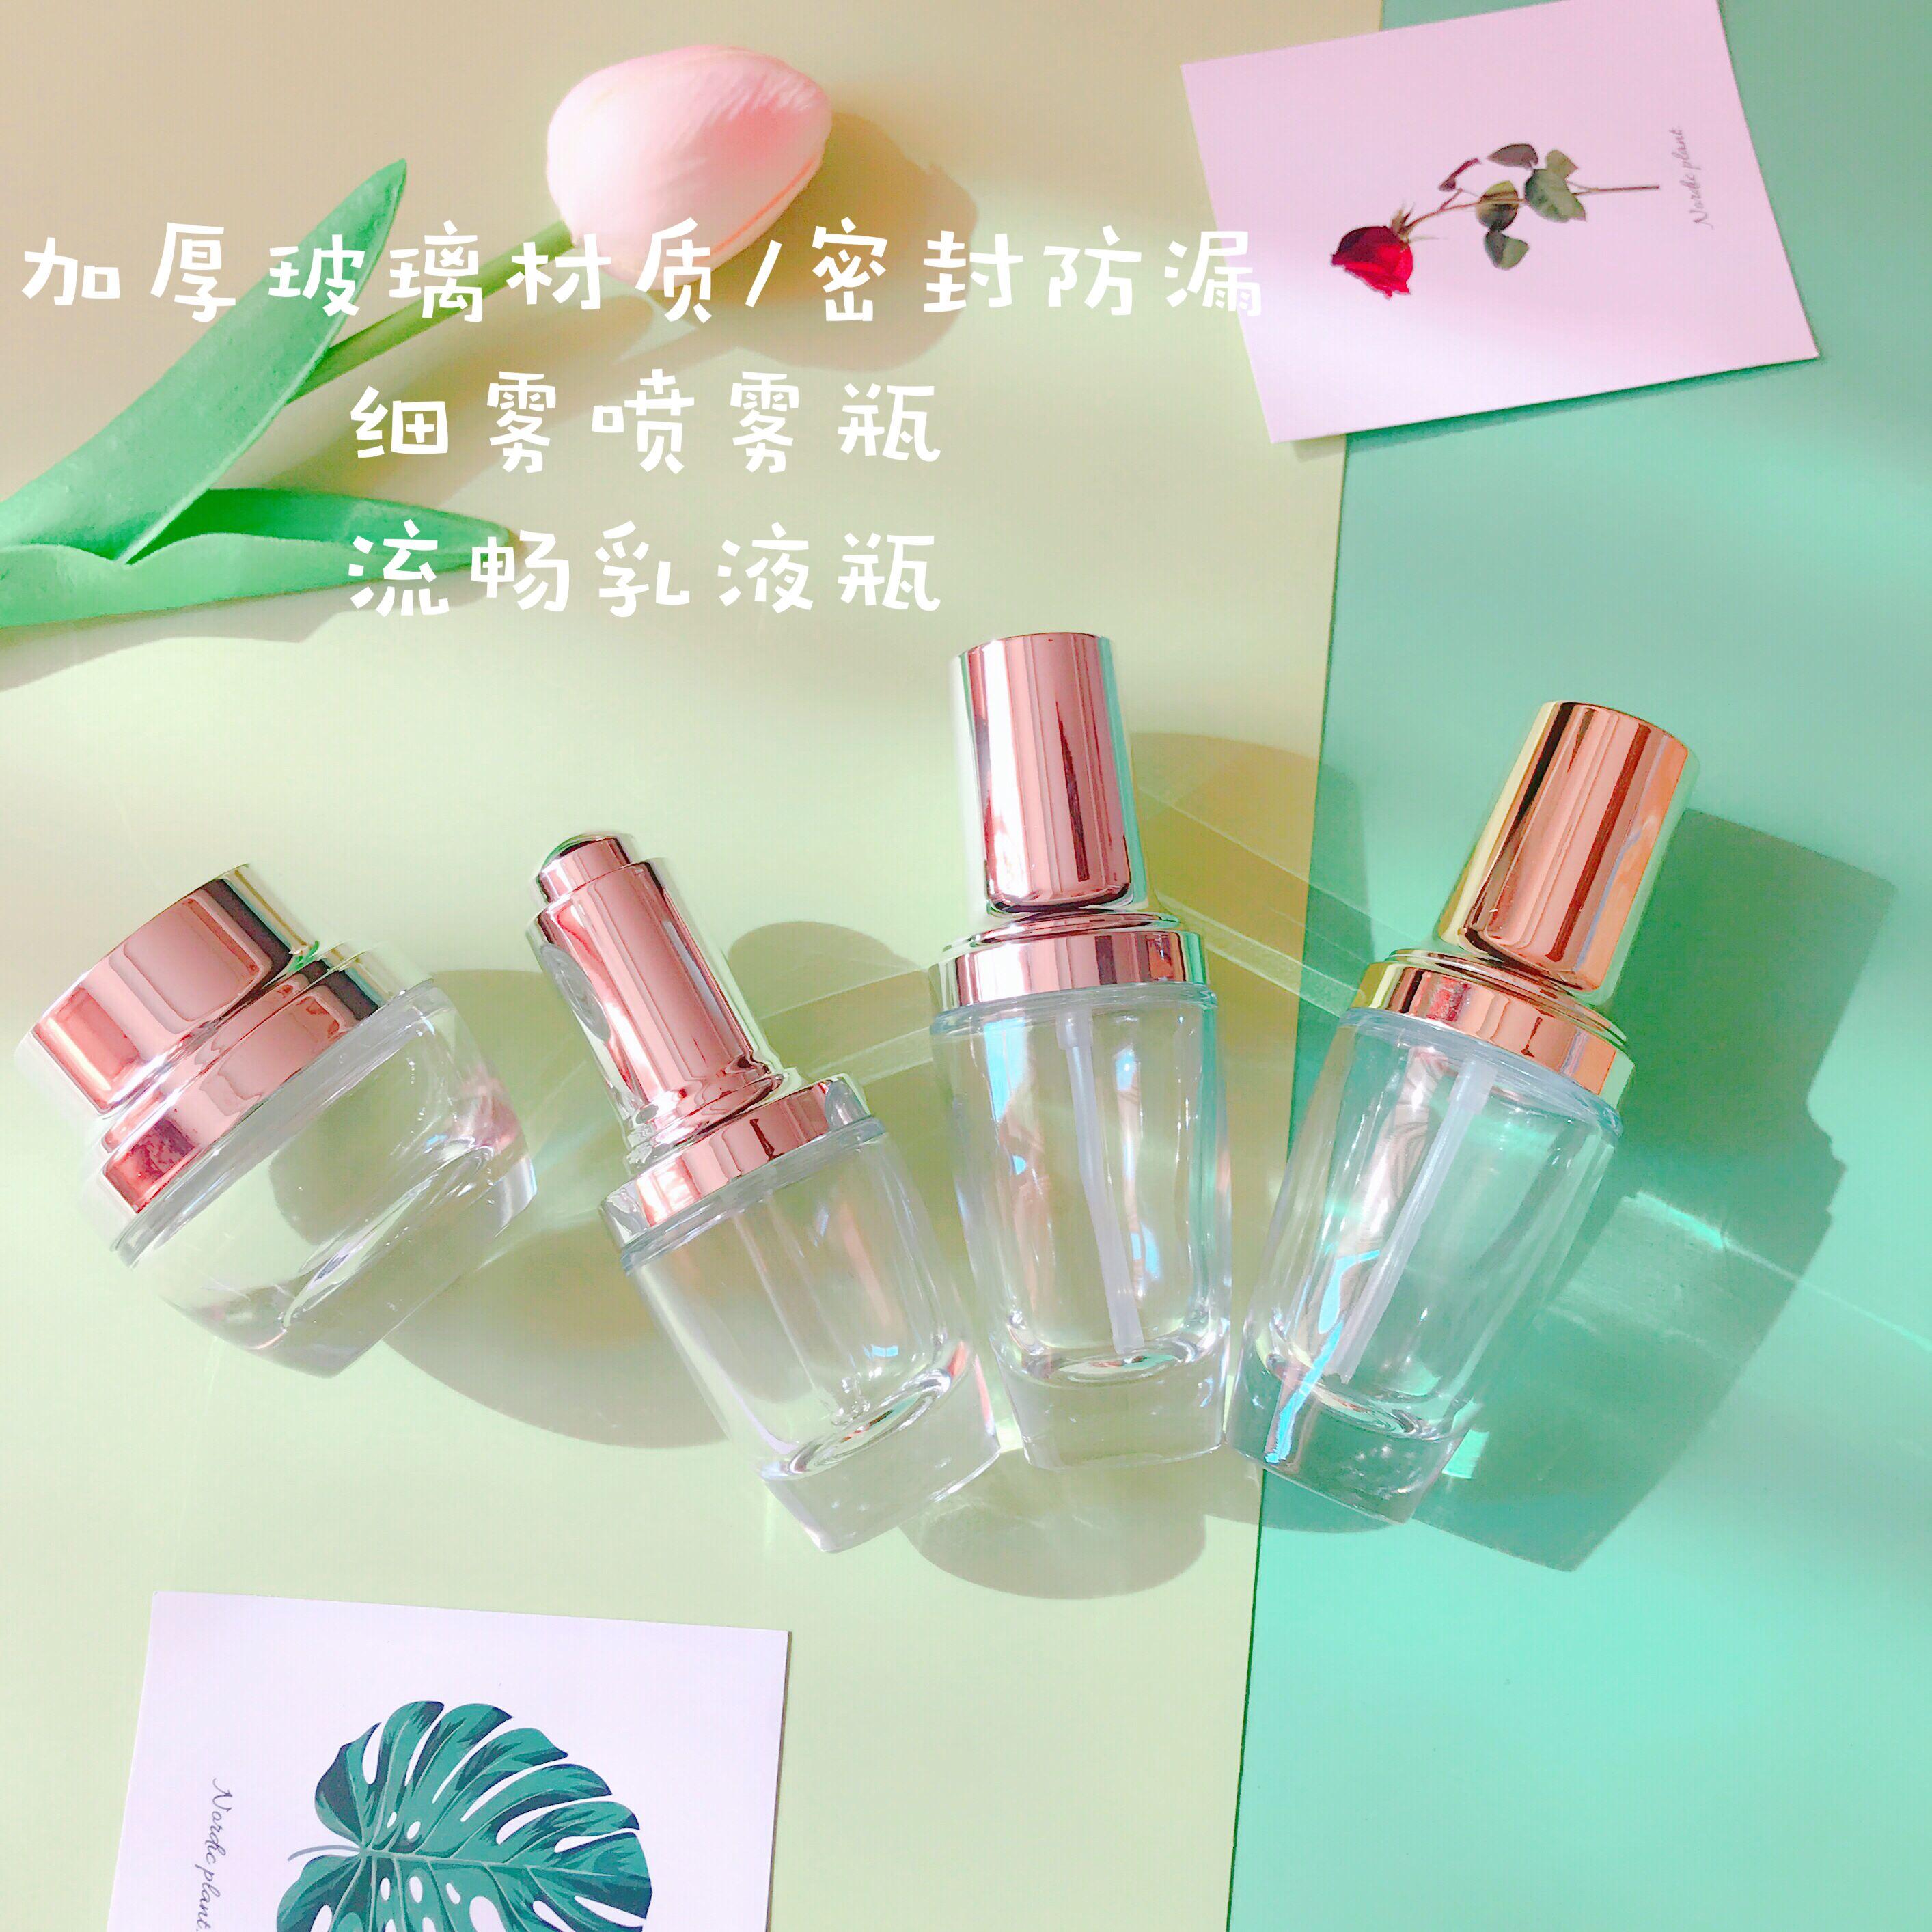 玻璃细雾喷雾瓶乳液瓶美容院化妆水小喷壶化妆品分装瓶便携空瓶子